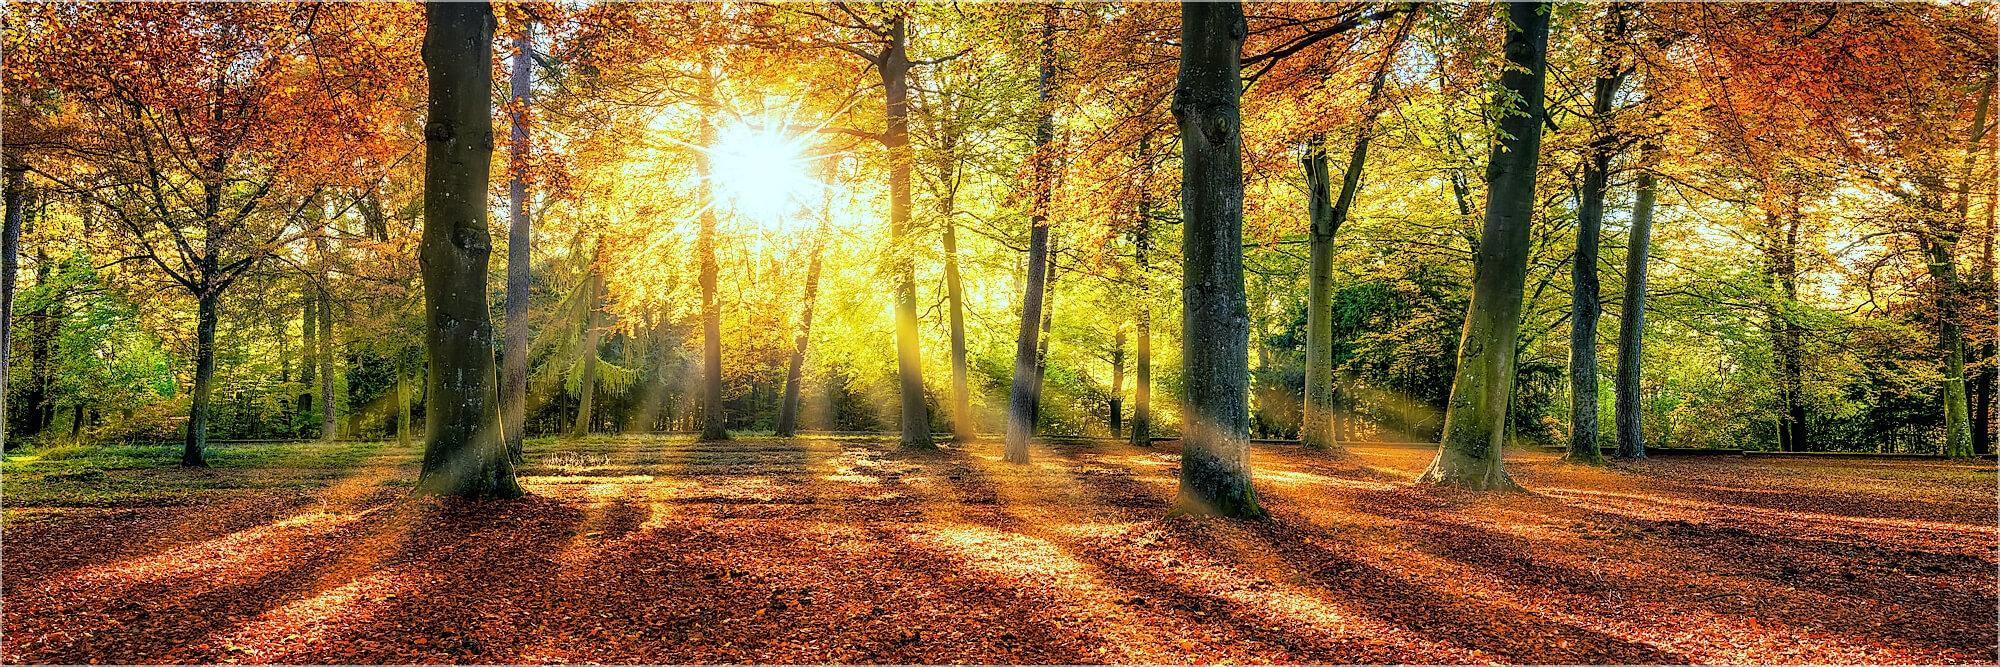 Panoramafoto großer Herbstwald